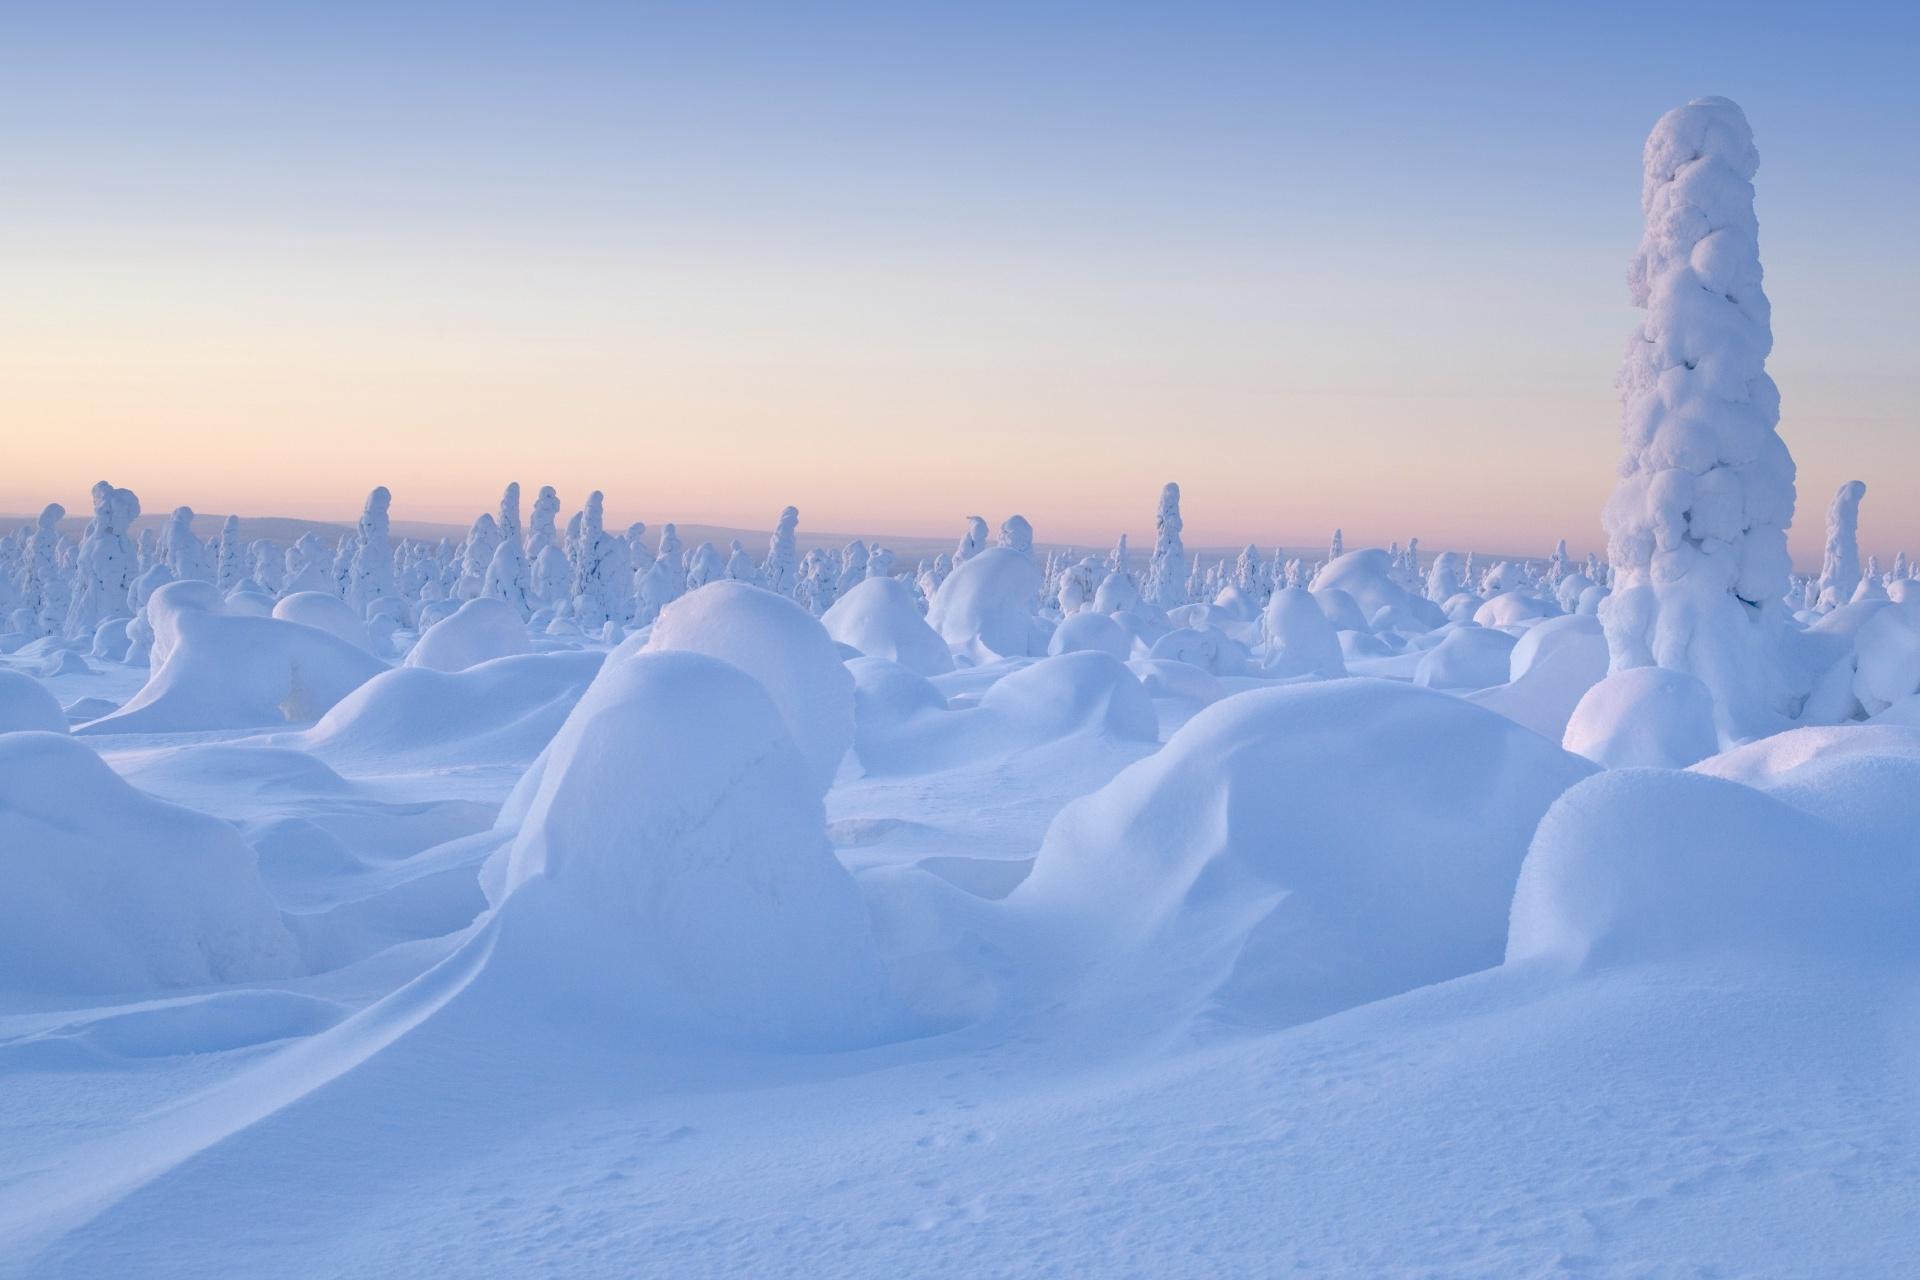 冬のウラル山脈の風景 ロシアの風景